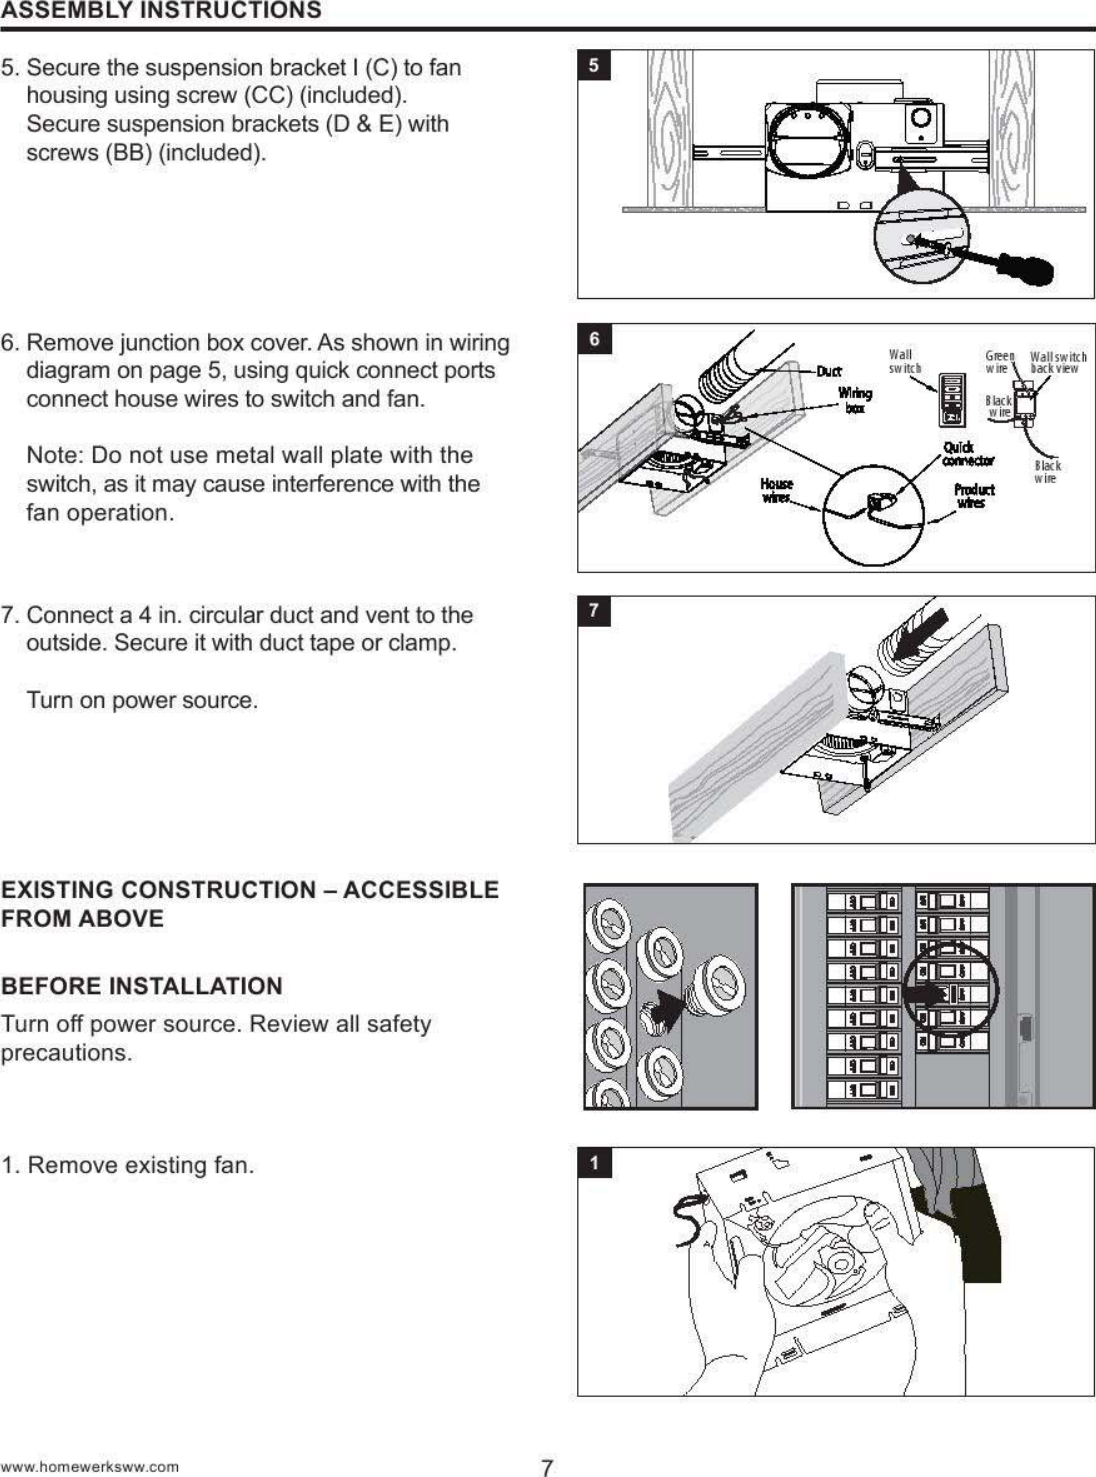 Homewerks Worldwide 7130 06 Bt Bluetooth Bath Fan User Manual Pdf Shower Speaker Wiring Diagram Users